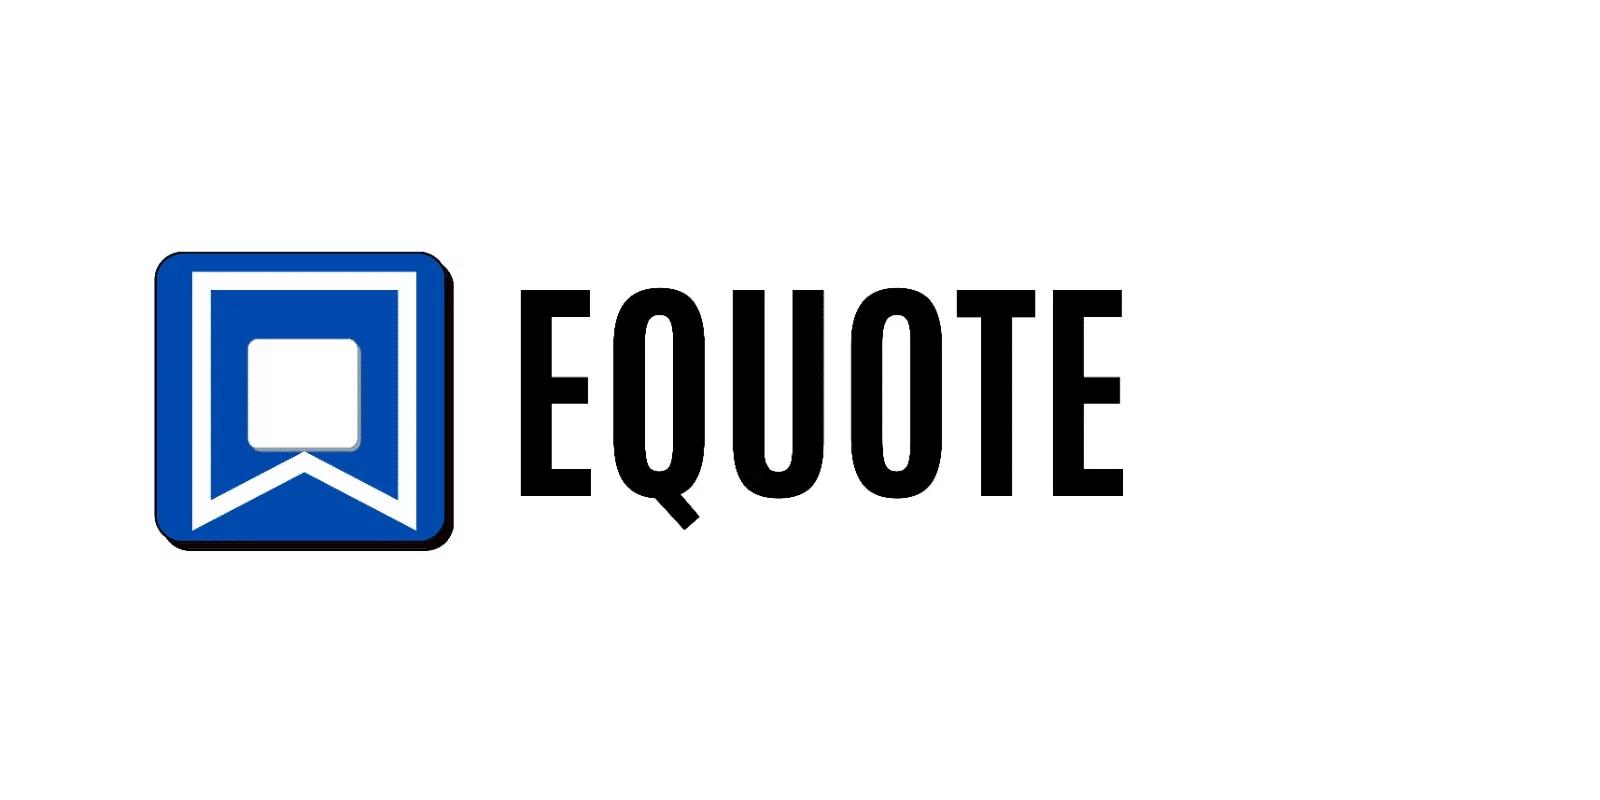 Equote.eu